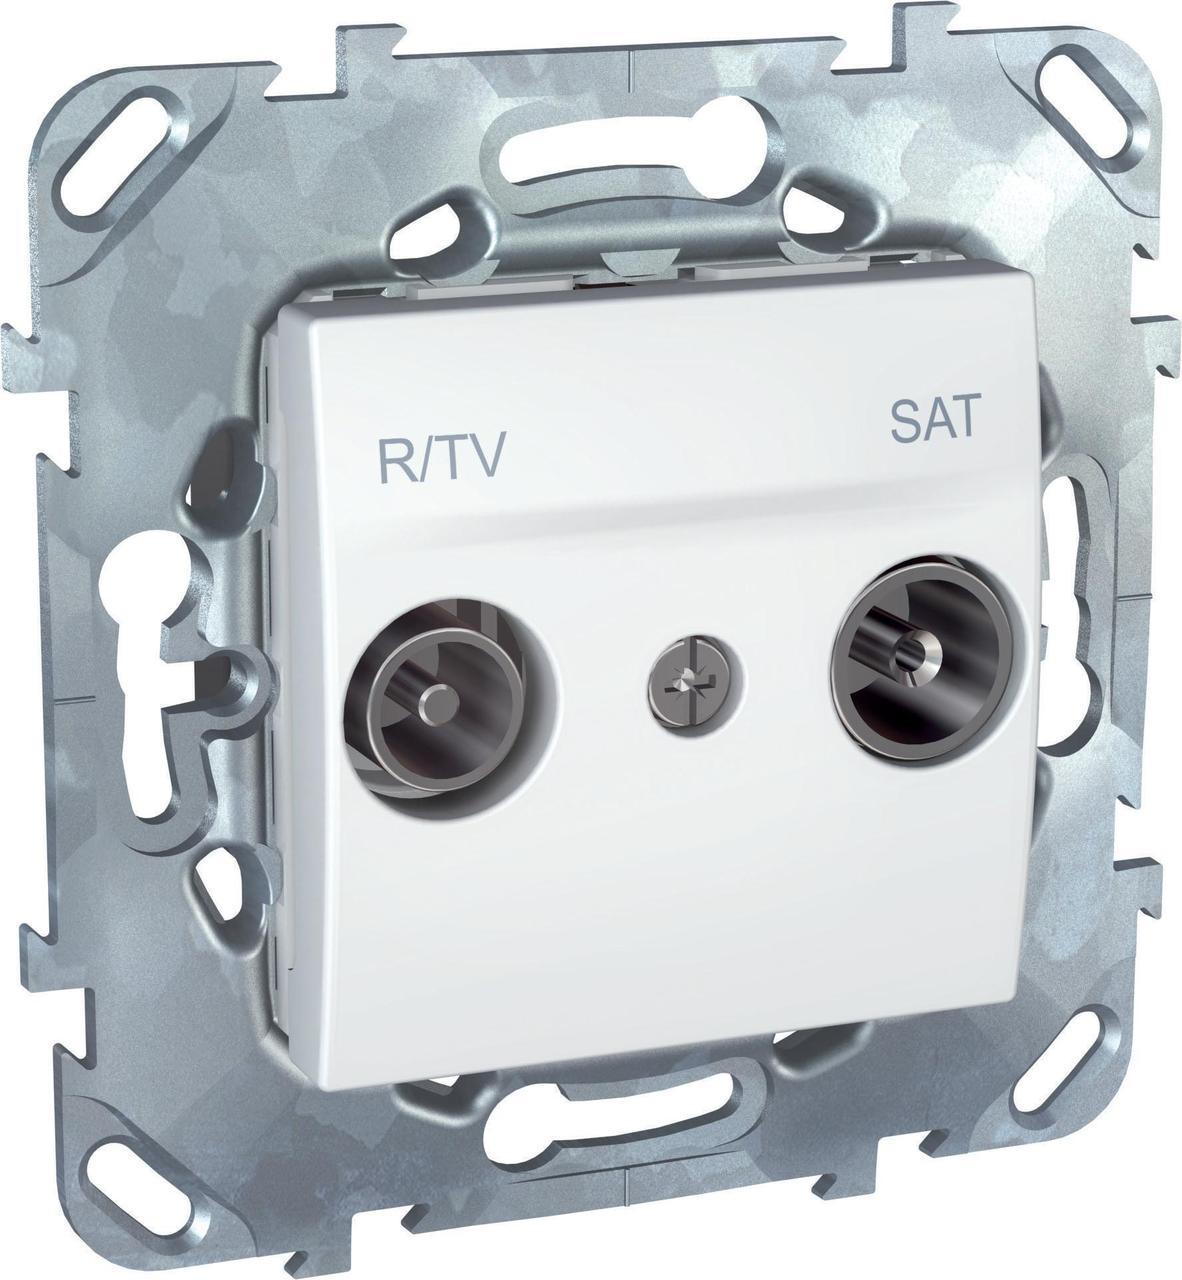 Розетка телевизионная проходная ТV-FМ-SАТ , Белый, серия Unica, Schneider Electric